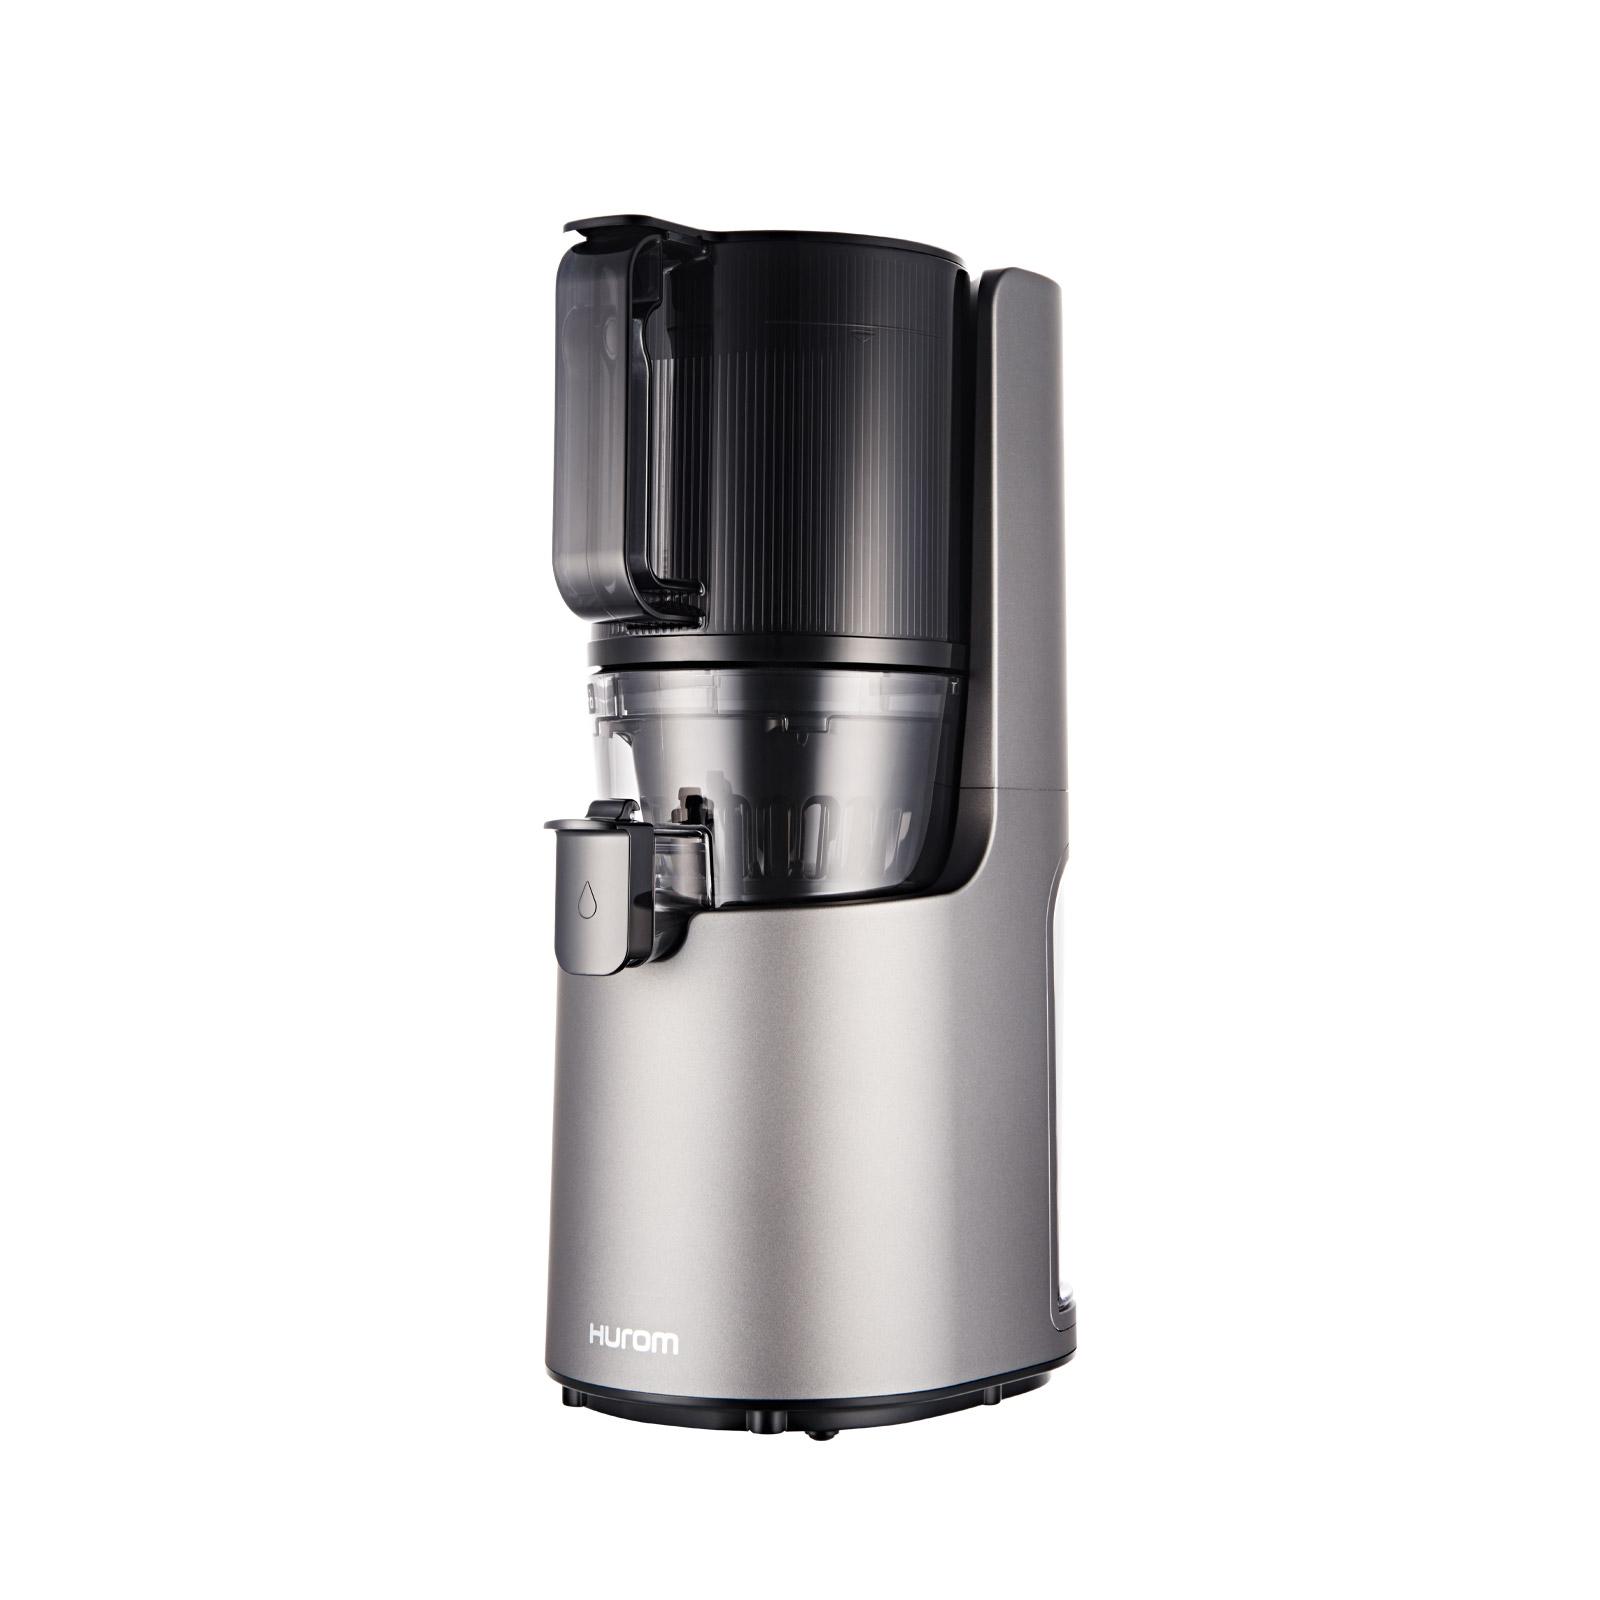 Hurom H200 Smart S Slowjuicer Meyve Sıkacağı Silver